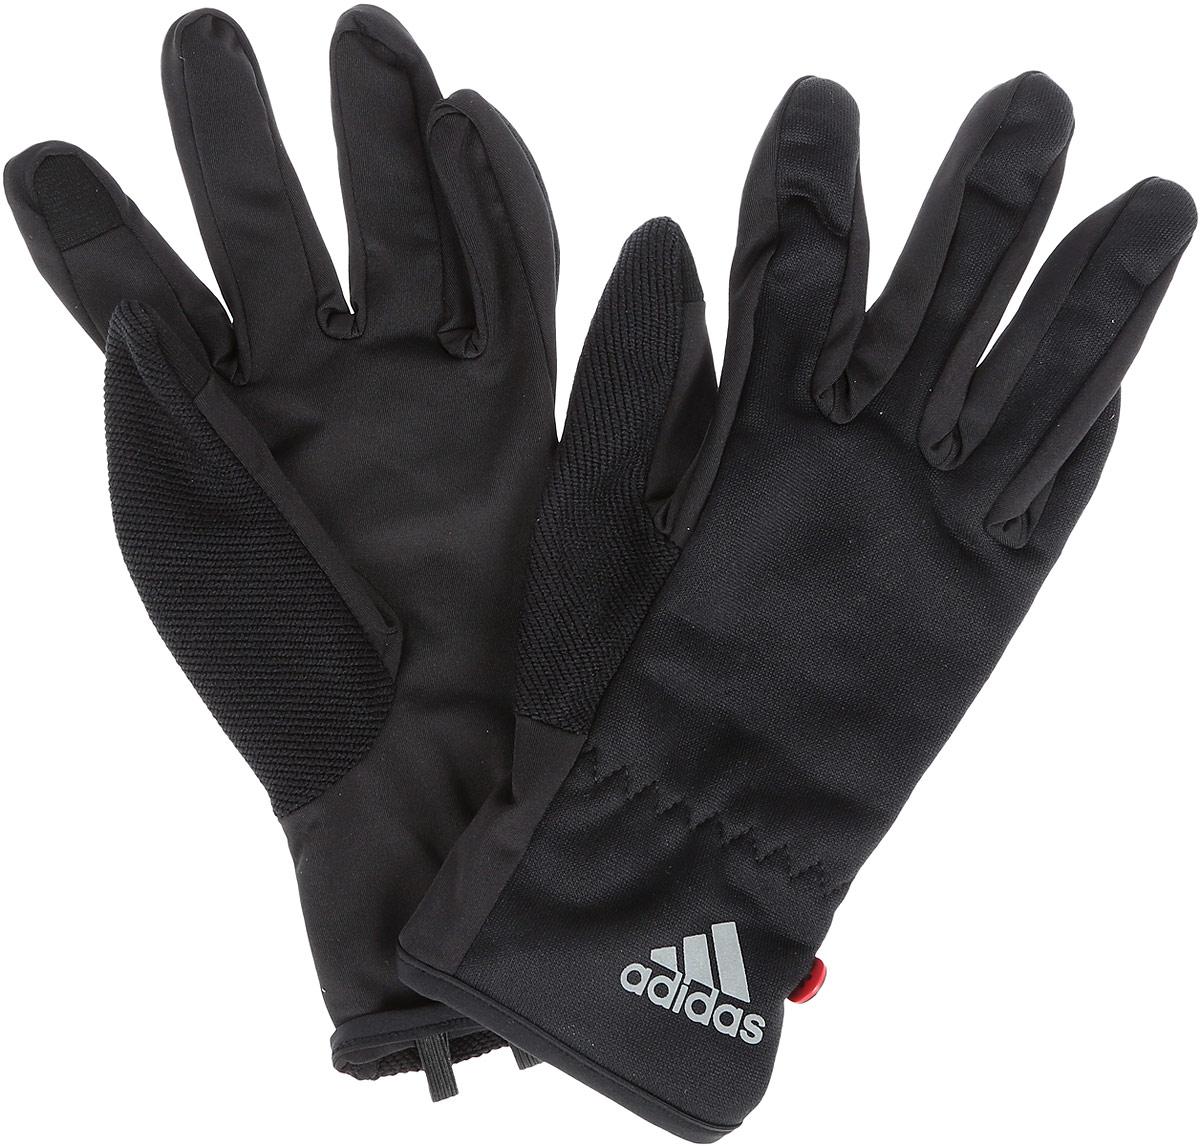 Перчатки для бега adidas Run Clmlt Glove, цвет: черный. S94173. Размер S (18)S94173Мягкие и легкие перчатки Adidas Run Clmlt Glove защитят вас от холода и непогоды во время интенсивной тренировки. Технология Сlimalite способствует быстрому выведению влаги с поверхности тела. Модель оформлена логотипом бренда. Выделяйтесь из толпы благодаря стильному дизайну перчаток.